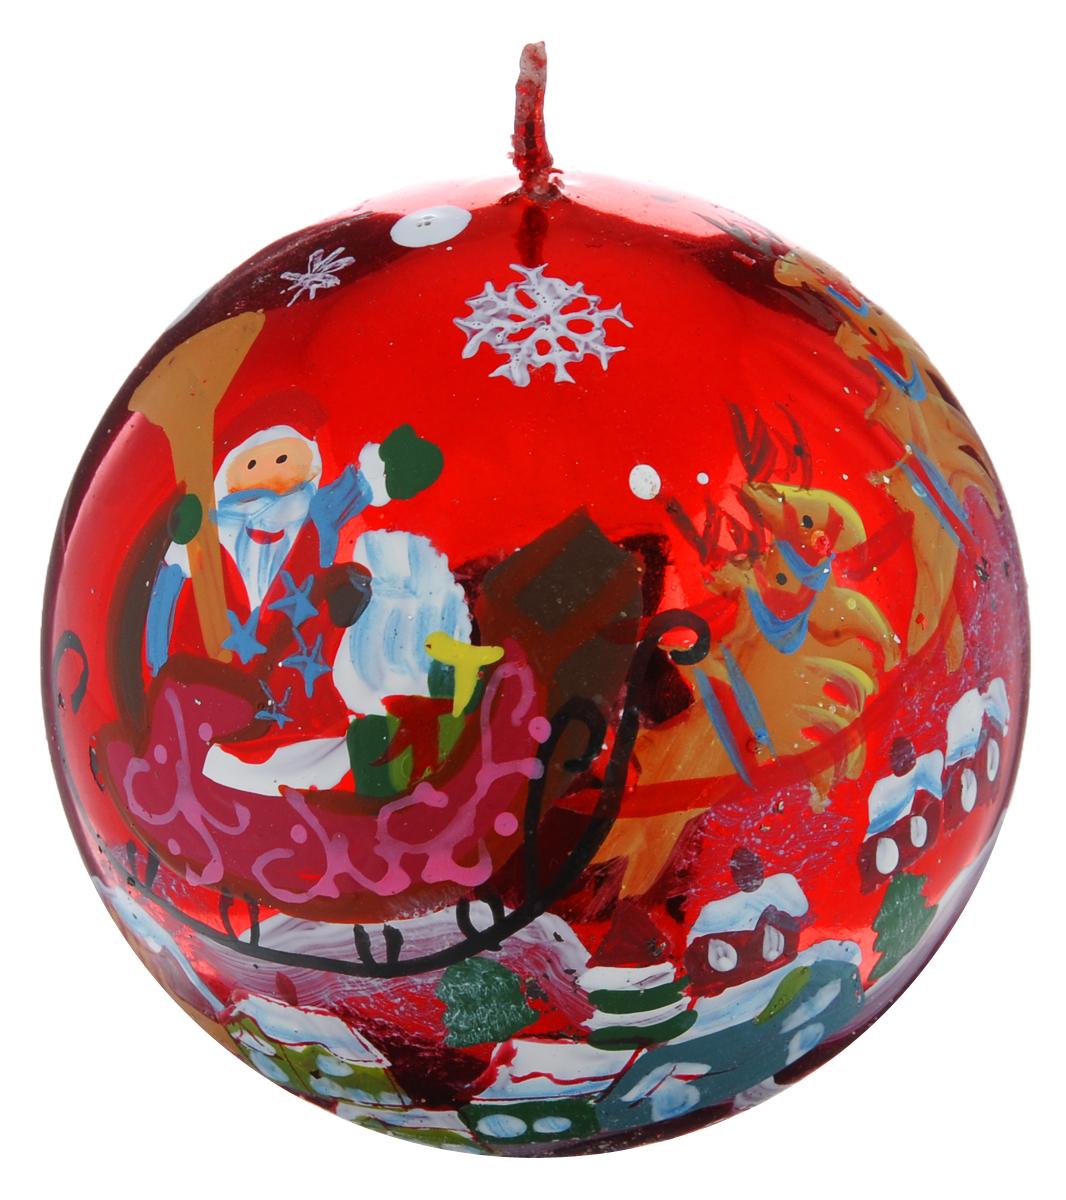 Свеча-шар Winter Wings Дед Мороз, диаметр 7,3 смN162423Свеча Winter Wings Дед Мороз, изготовленная из парафина в форме шара, станет прекрасным украшением интерьера помещения в преддверии Нового года. Свеча имеет глянцевое покрытие с красивым новогодним рисунком. Такая свеча создаст атмосферу таинственности и загадочности и наполнит дом волшебством и ощущением праздника. Хороший сувенир для друзей и близких.